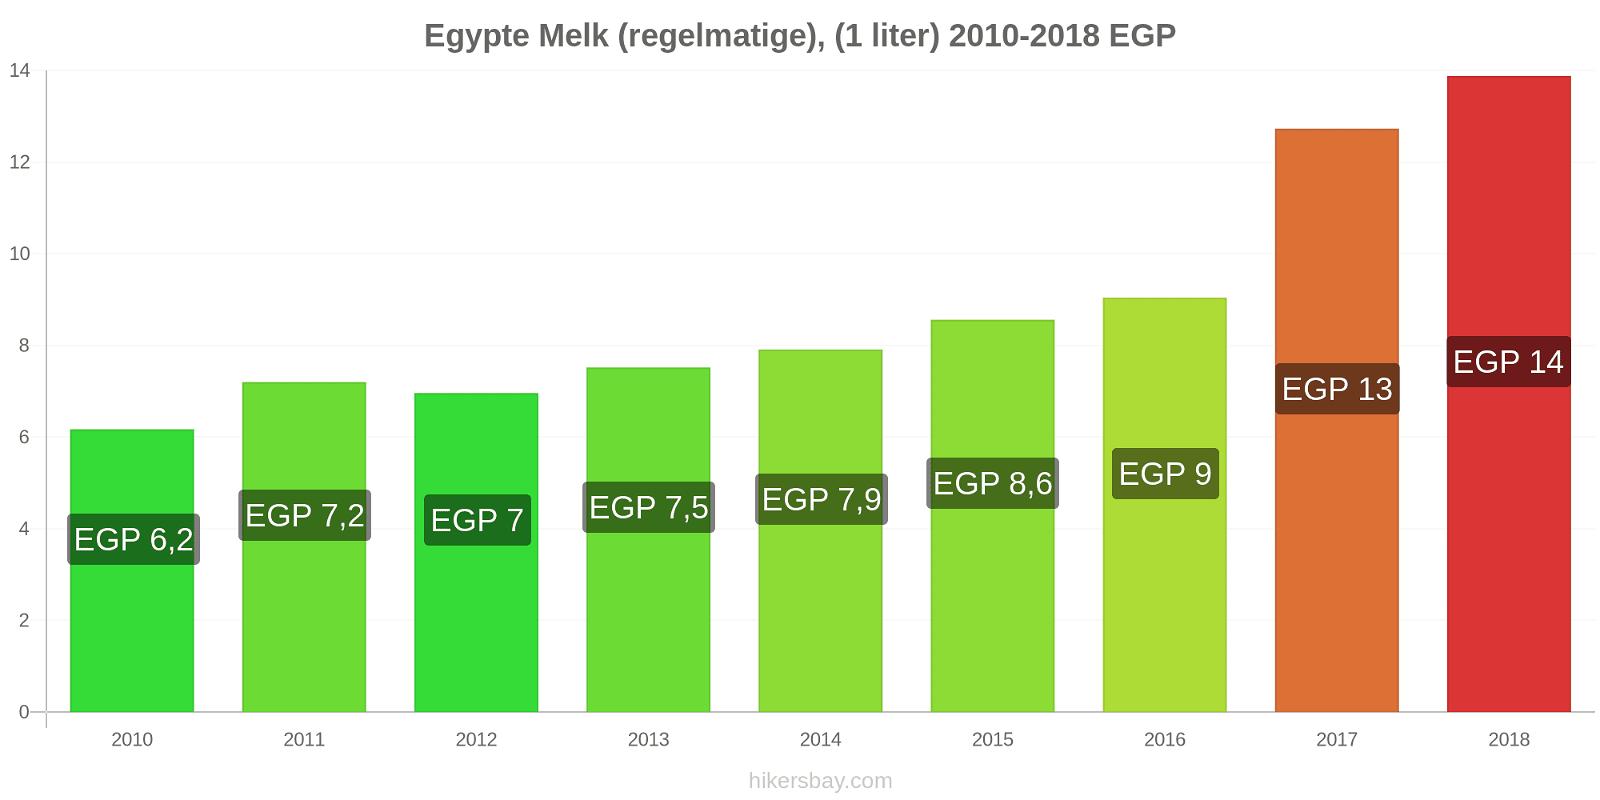 Egypte prijswijzigingen Melk (regelmatige), (1 liter) hikersbay.com